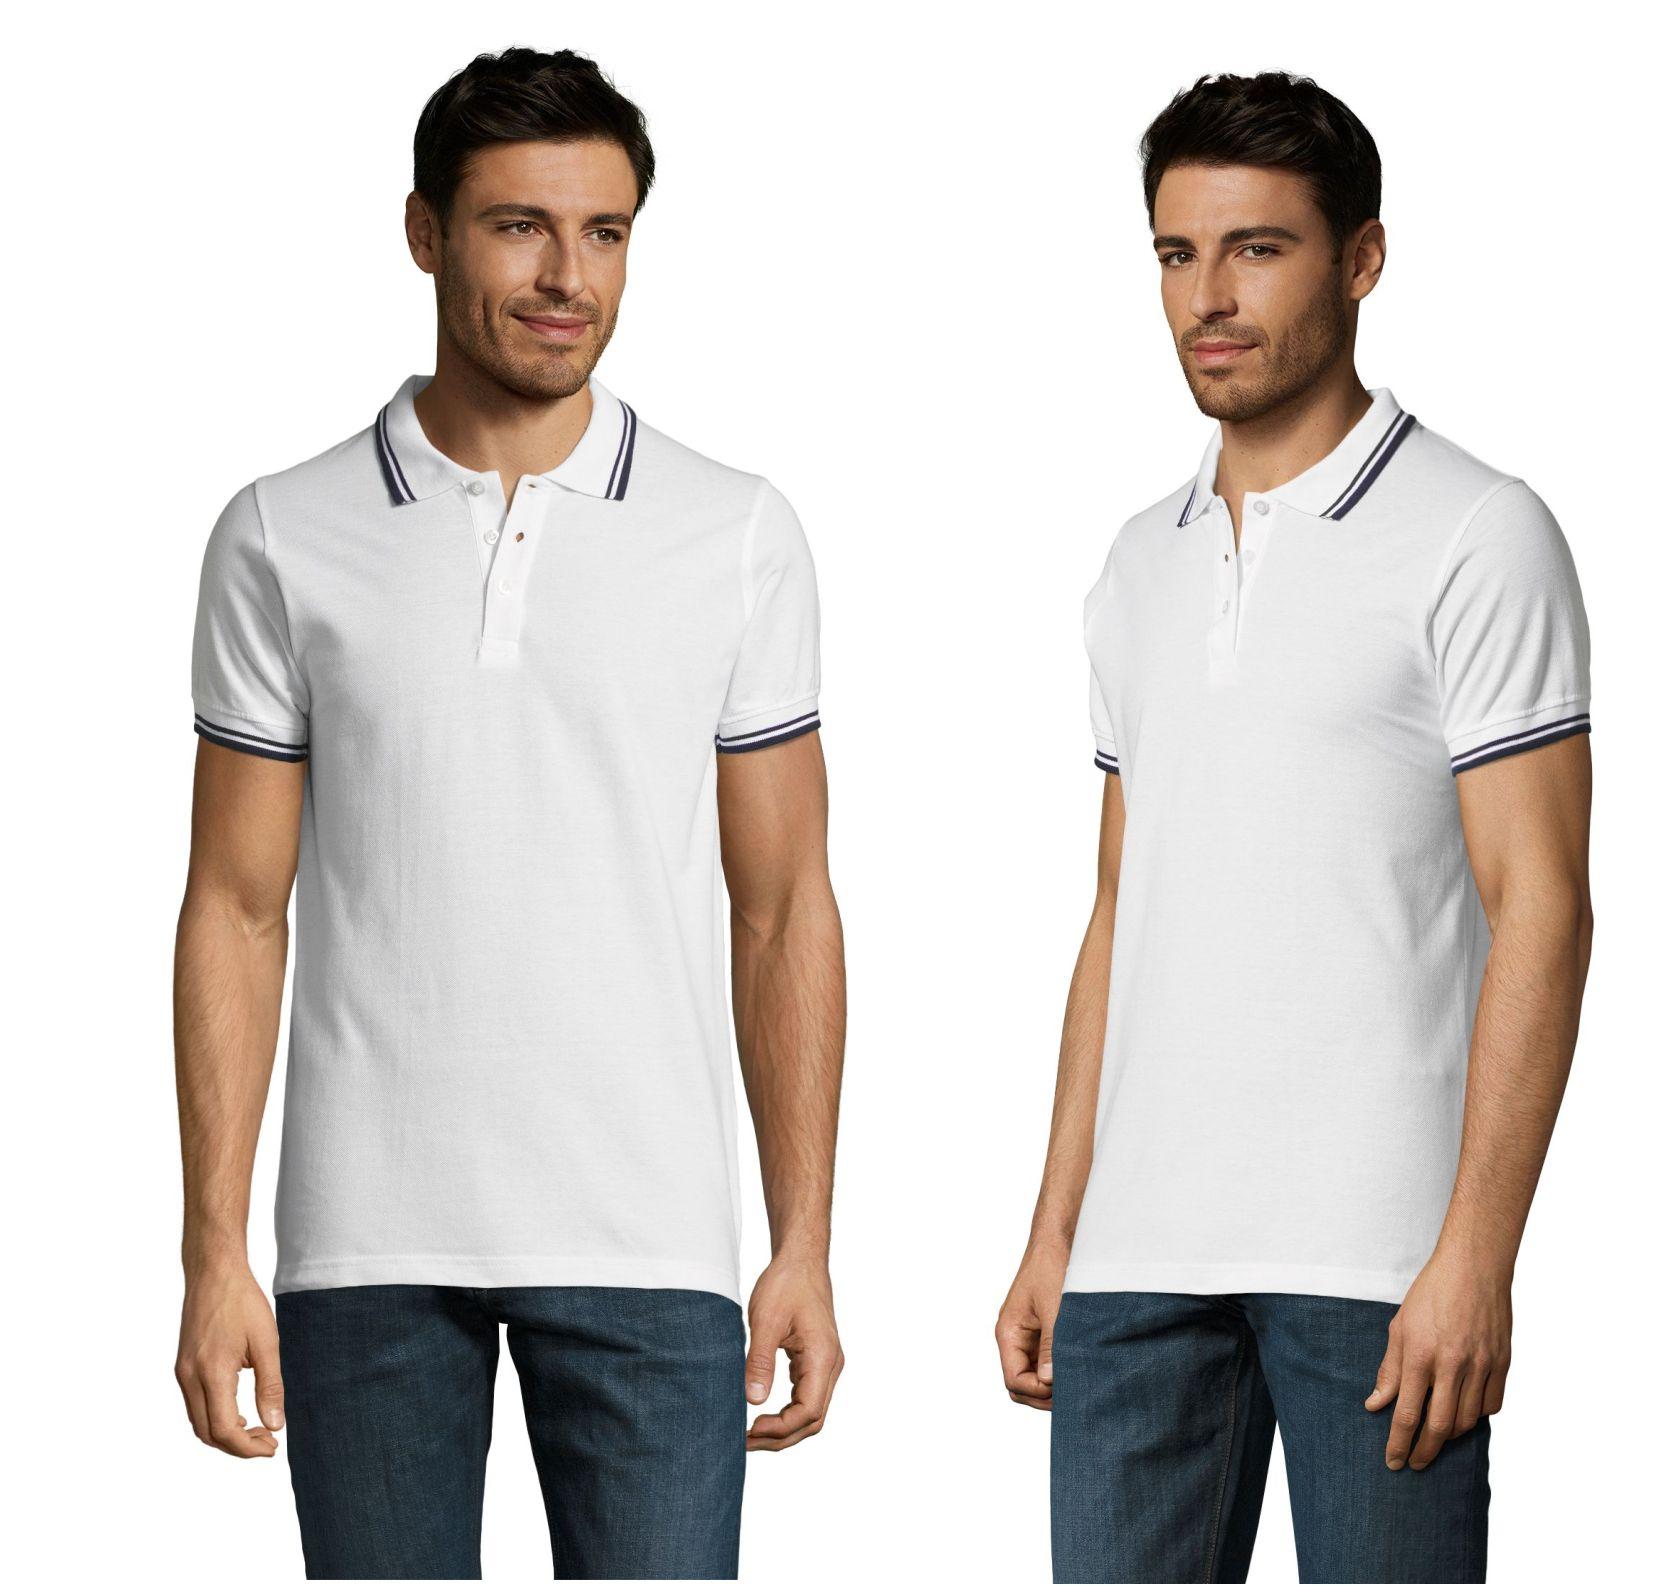 стильные рубашки поло Sols Pasadena оптом от 10 штук. Продаем рубашки поло Sols Pasadena оптом в Москве с доставкой по России. Скидки на рубашки поло Sols Pasadena при заказе от 500 штук